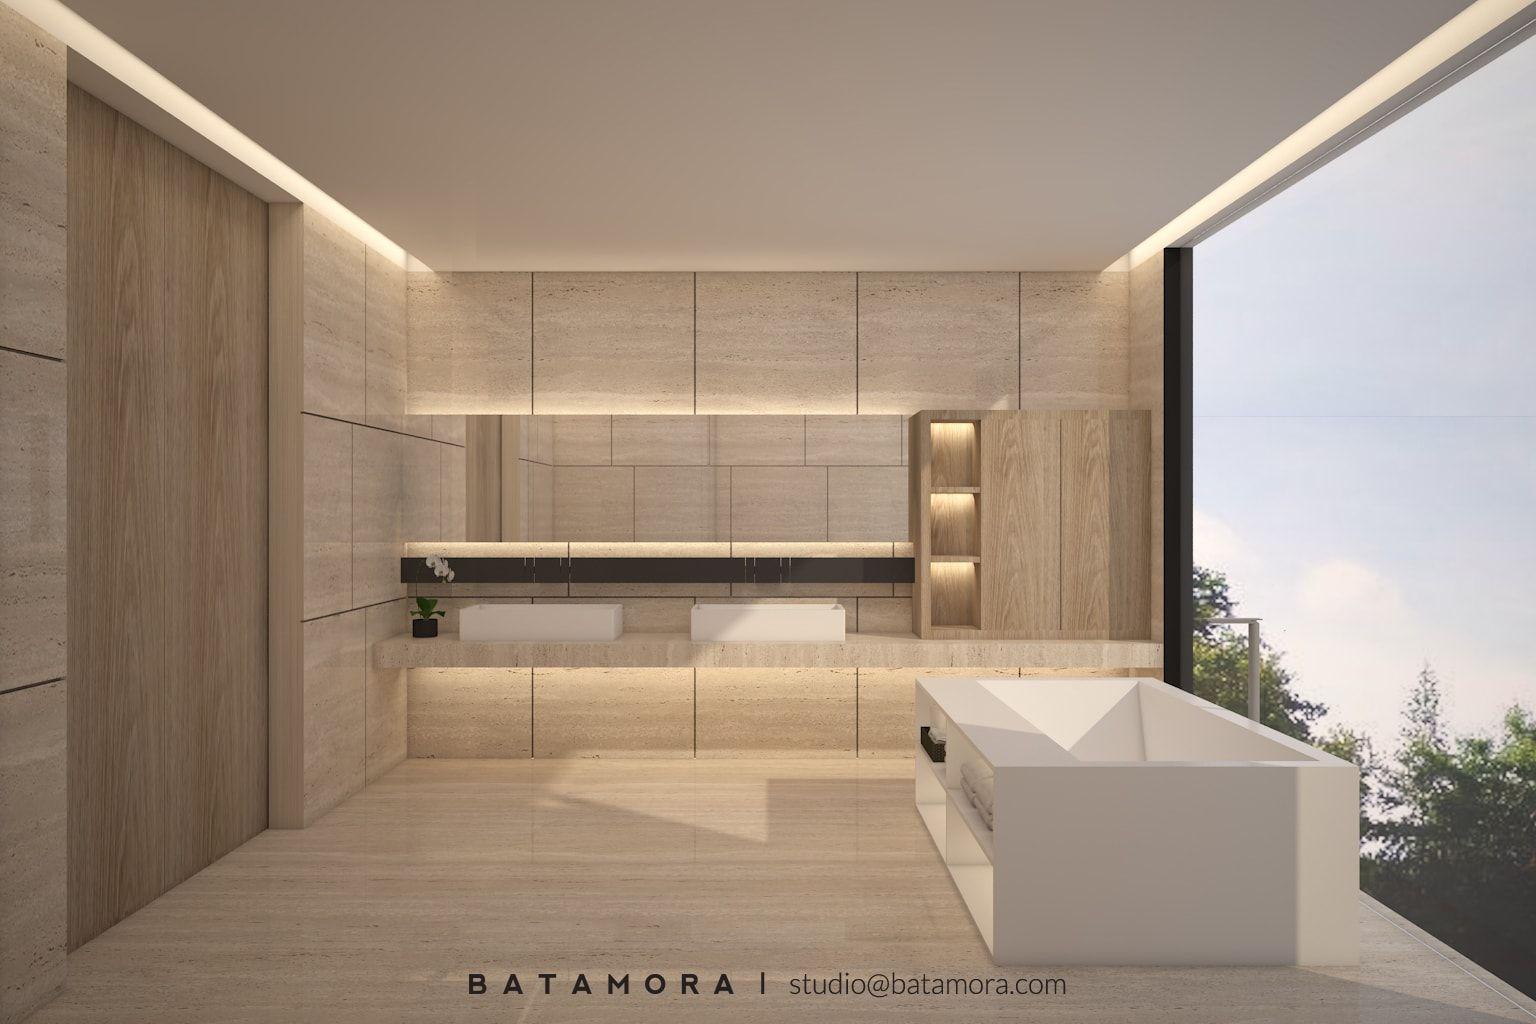 Dekorasi kamar mandi minimalis yang mewah | Portofolio By ...